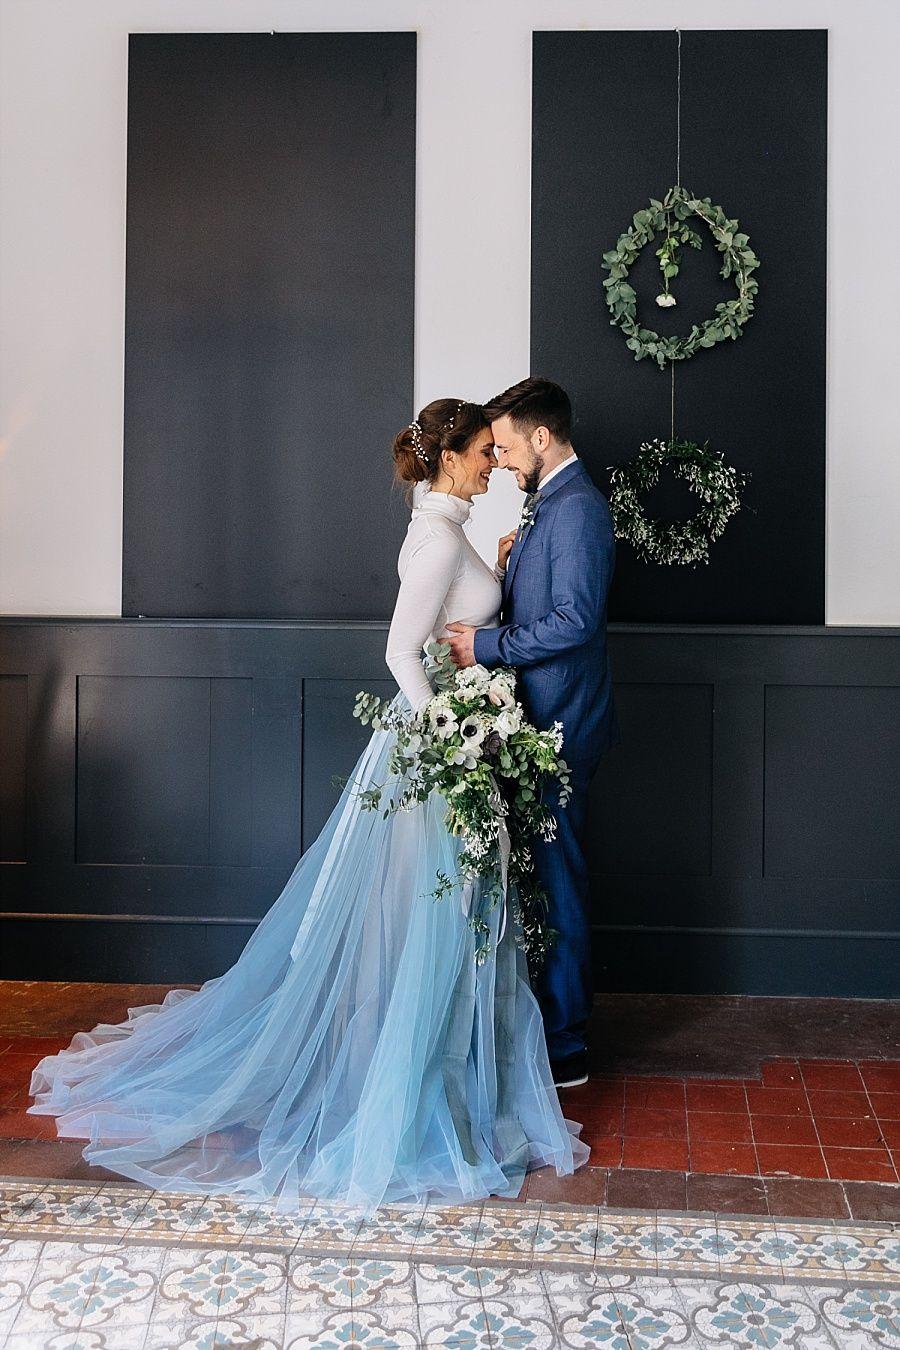 Dusty Blue Fine Art Hochzeitsideen  Hochzeitskleid bunt